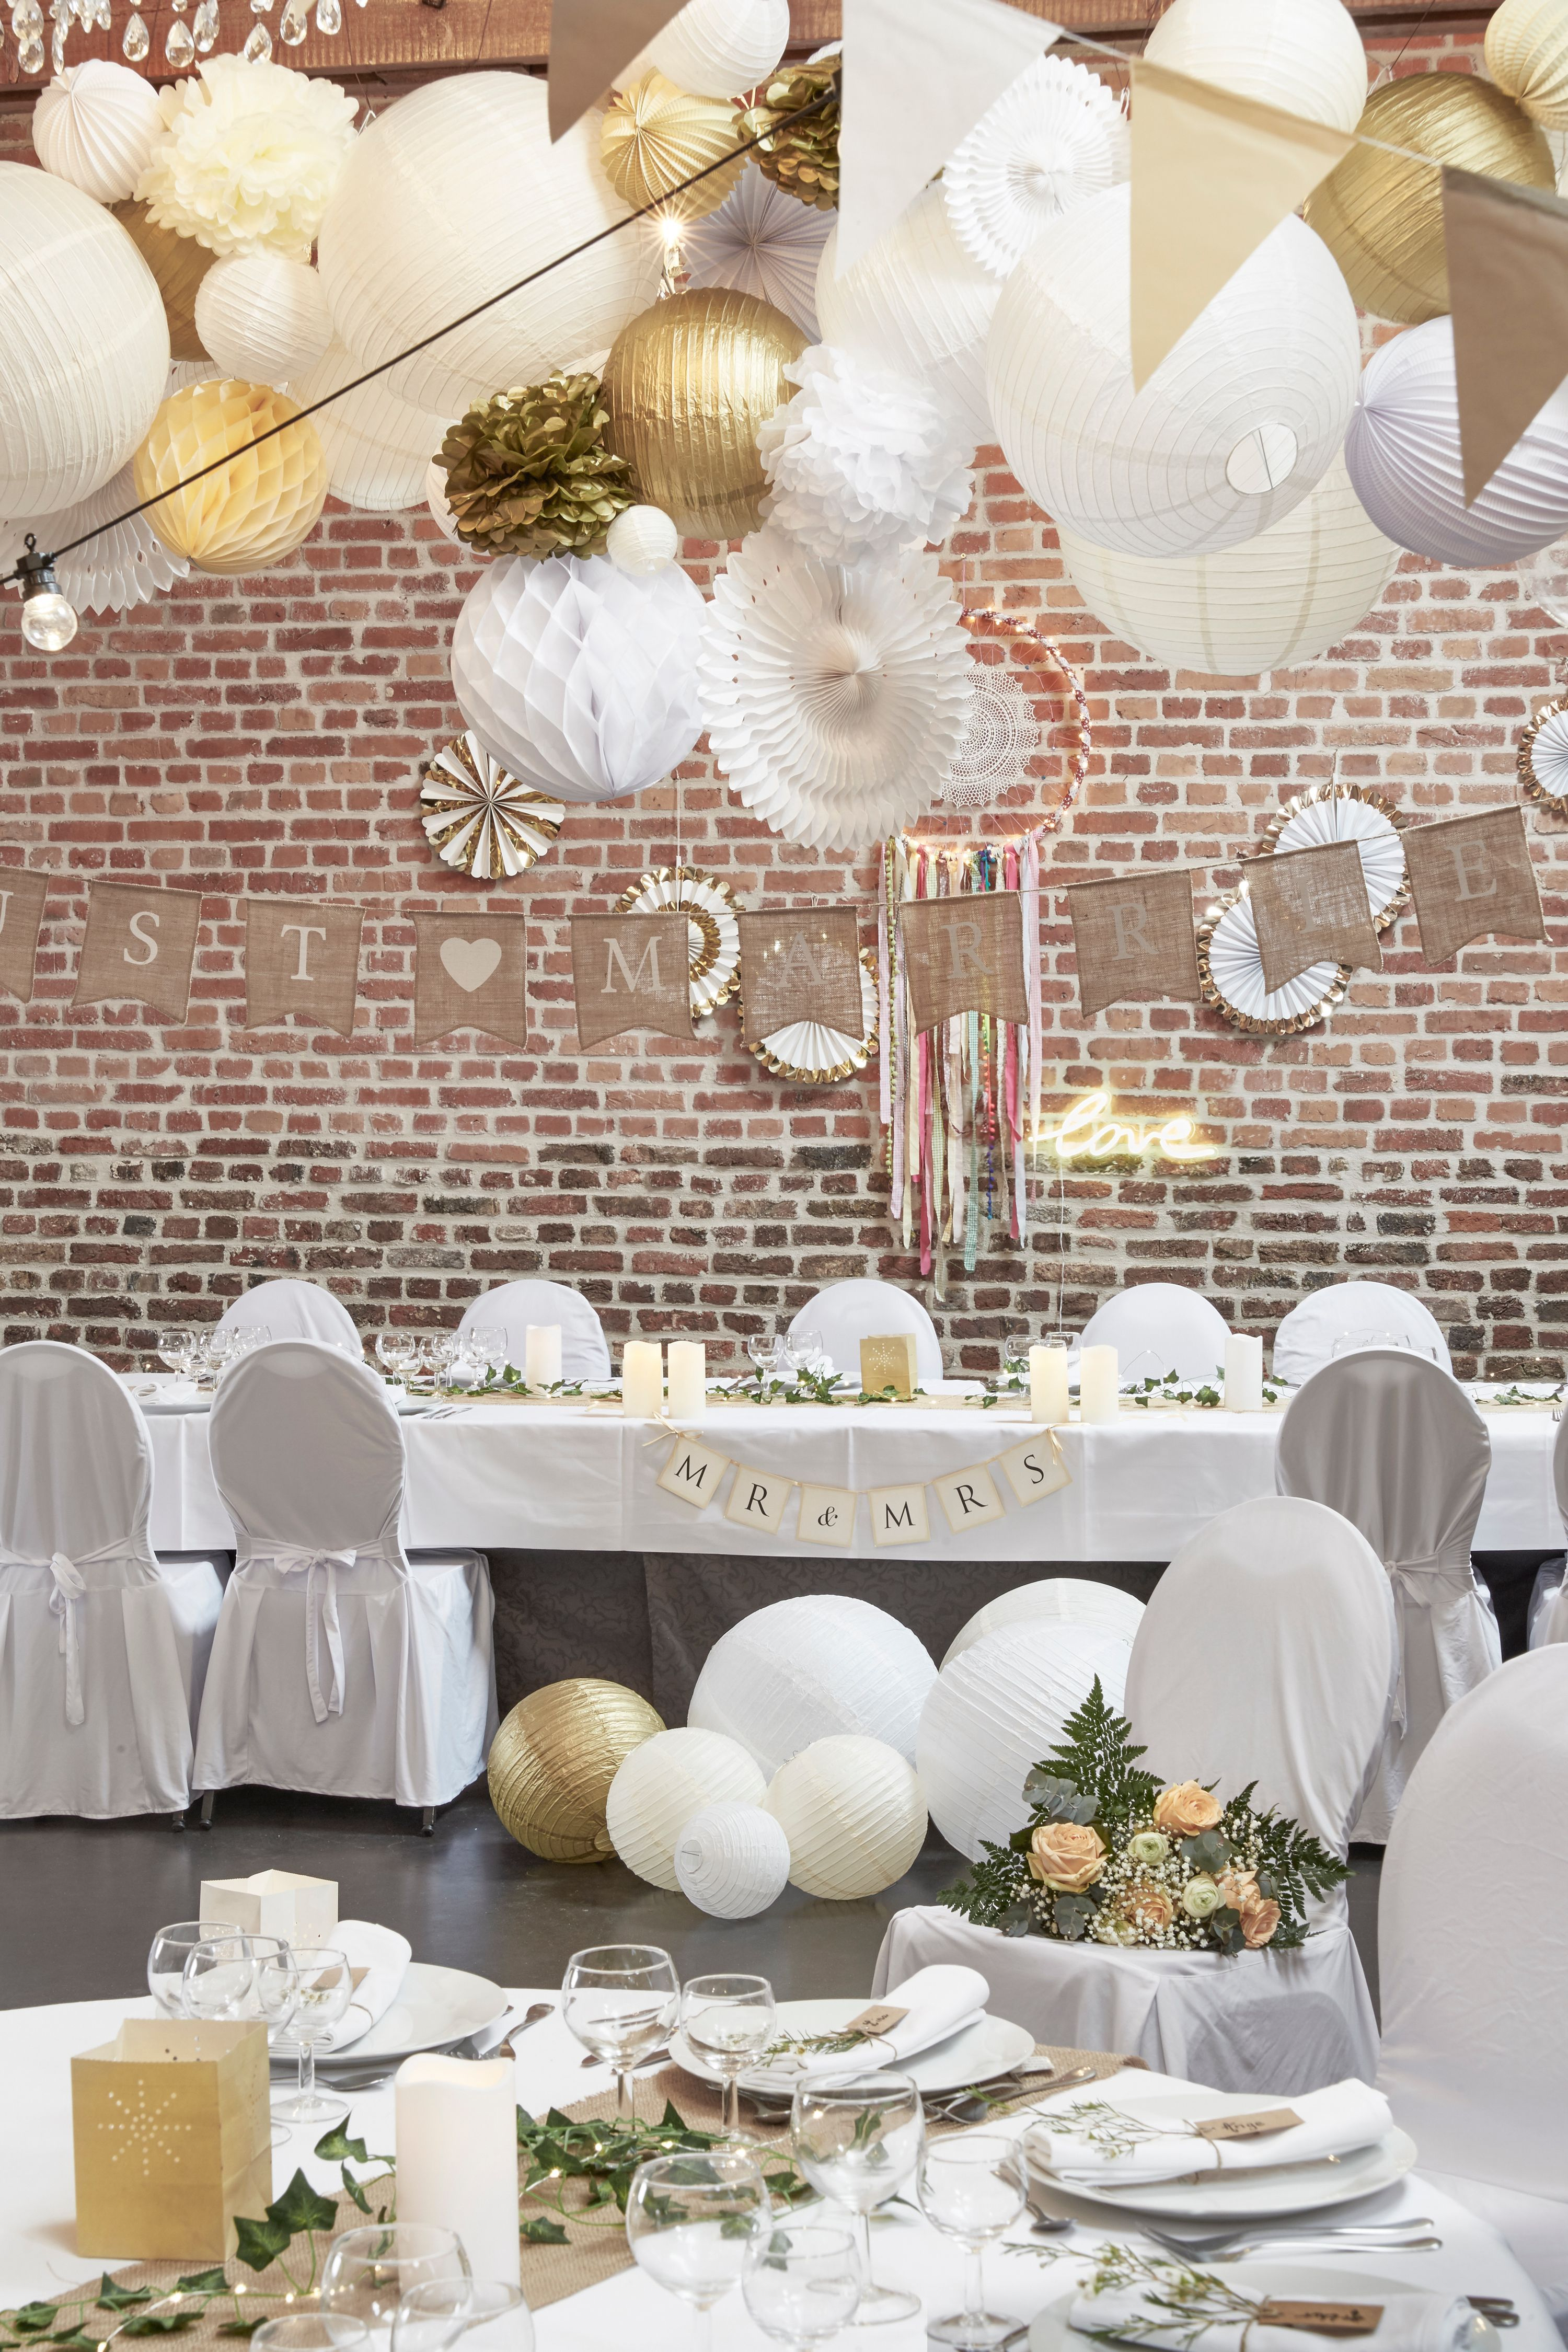 Guirlande Just Married Boule Japonaise Or Ivoire Blanc Guirlande Guinguette Ampoules Decoration Table Mariage Champetre